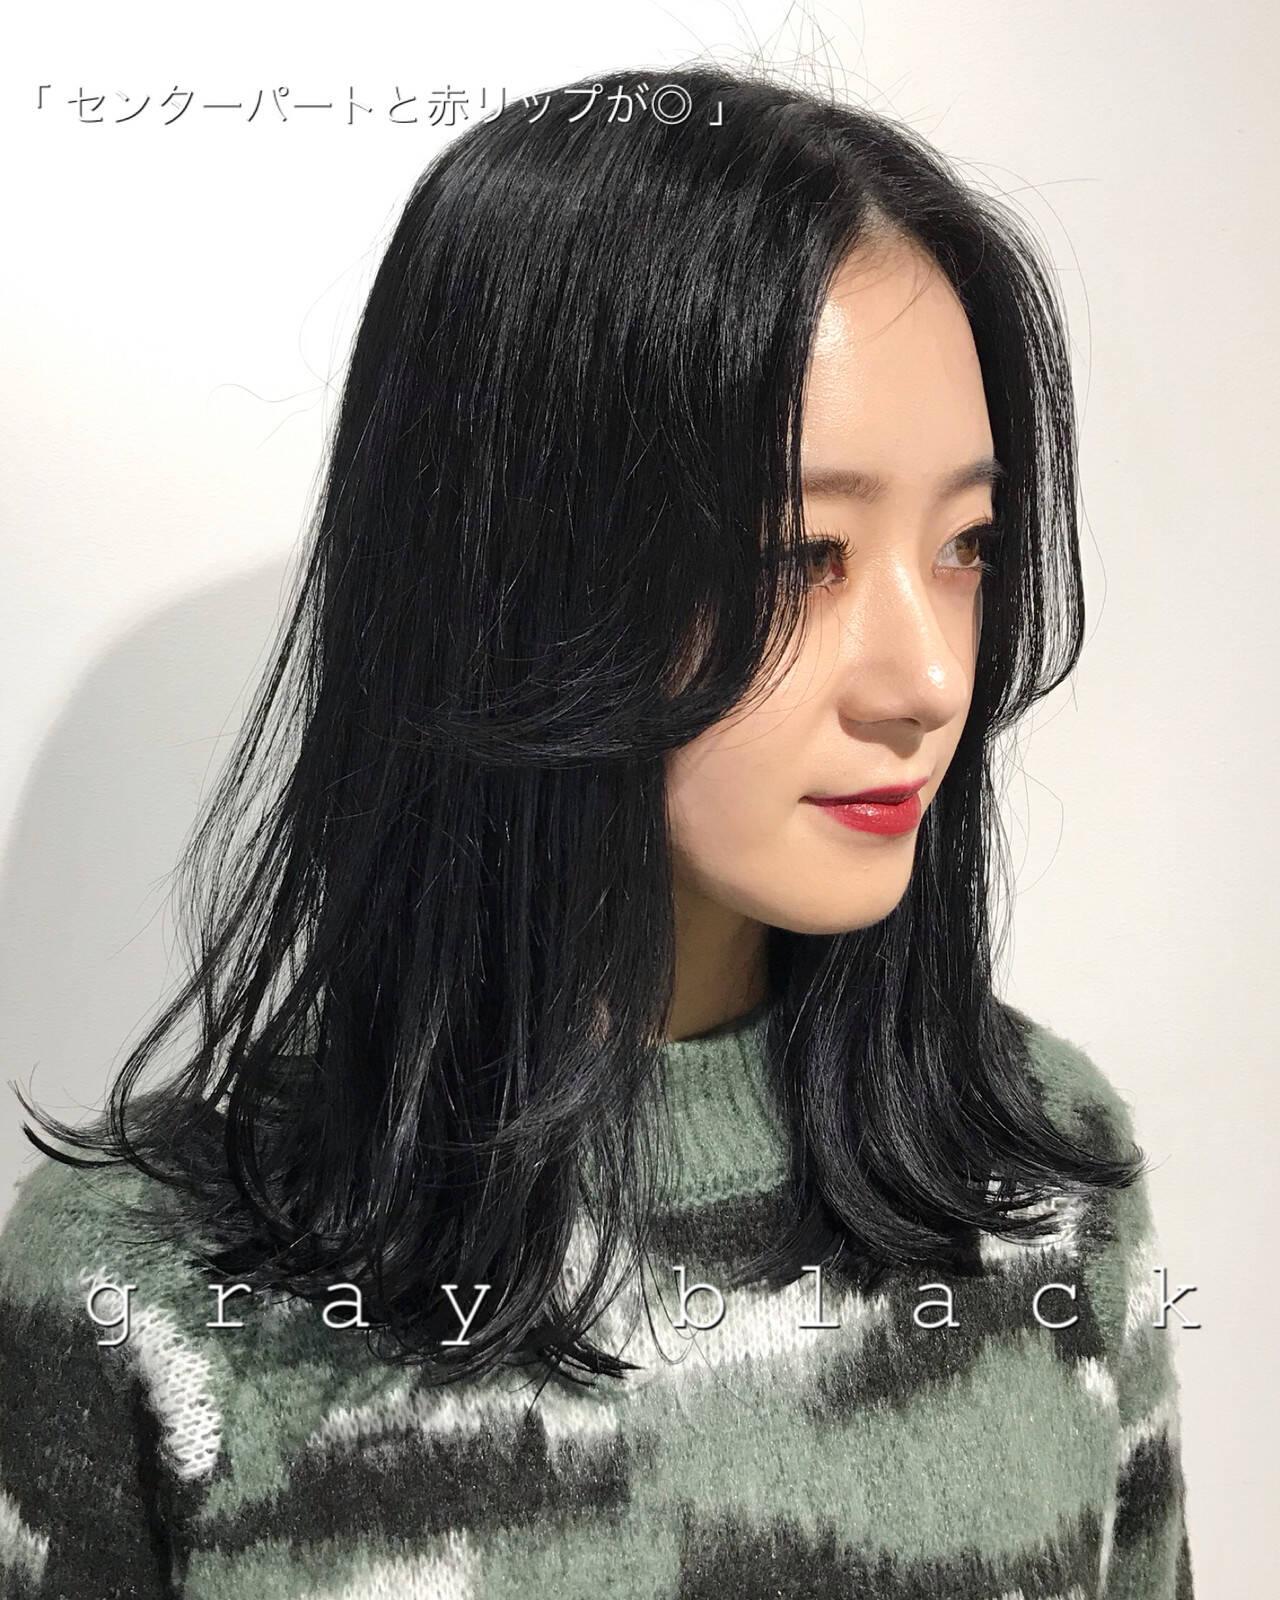 暗髪 モード ネイビー レイヤーカットヘアスタイルや髪型の写真・画像